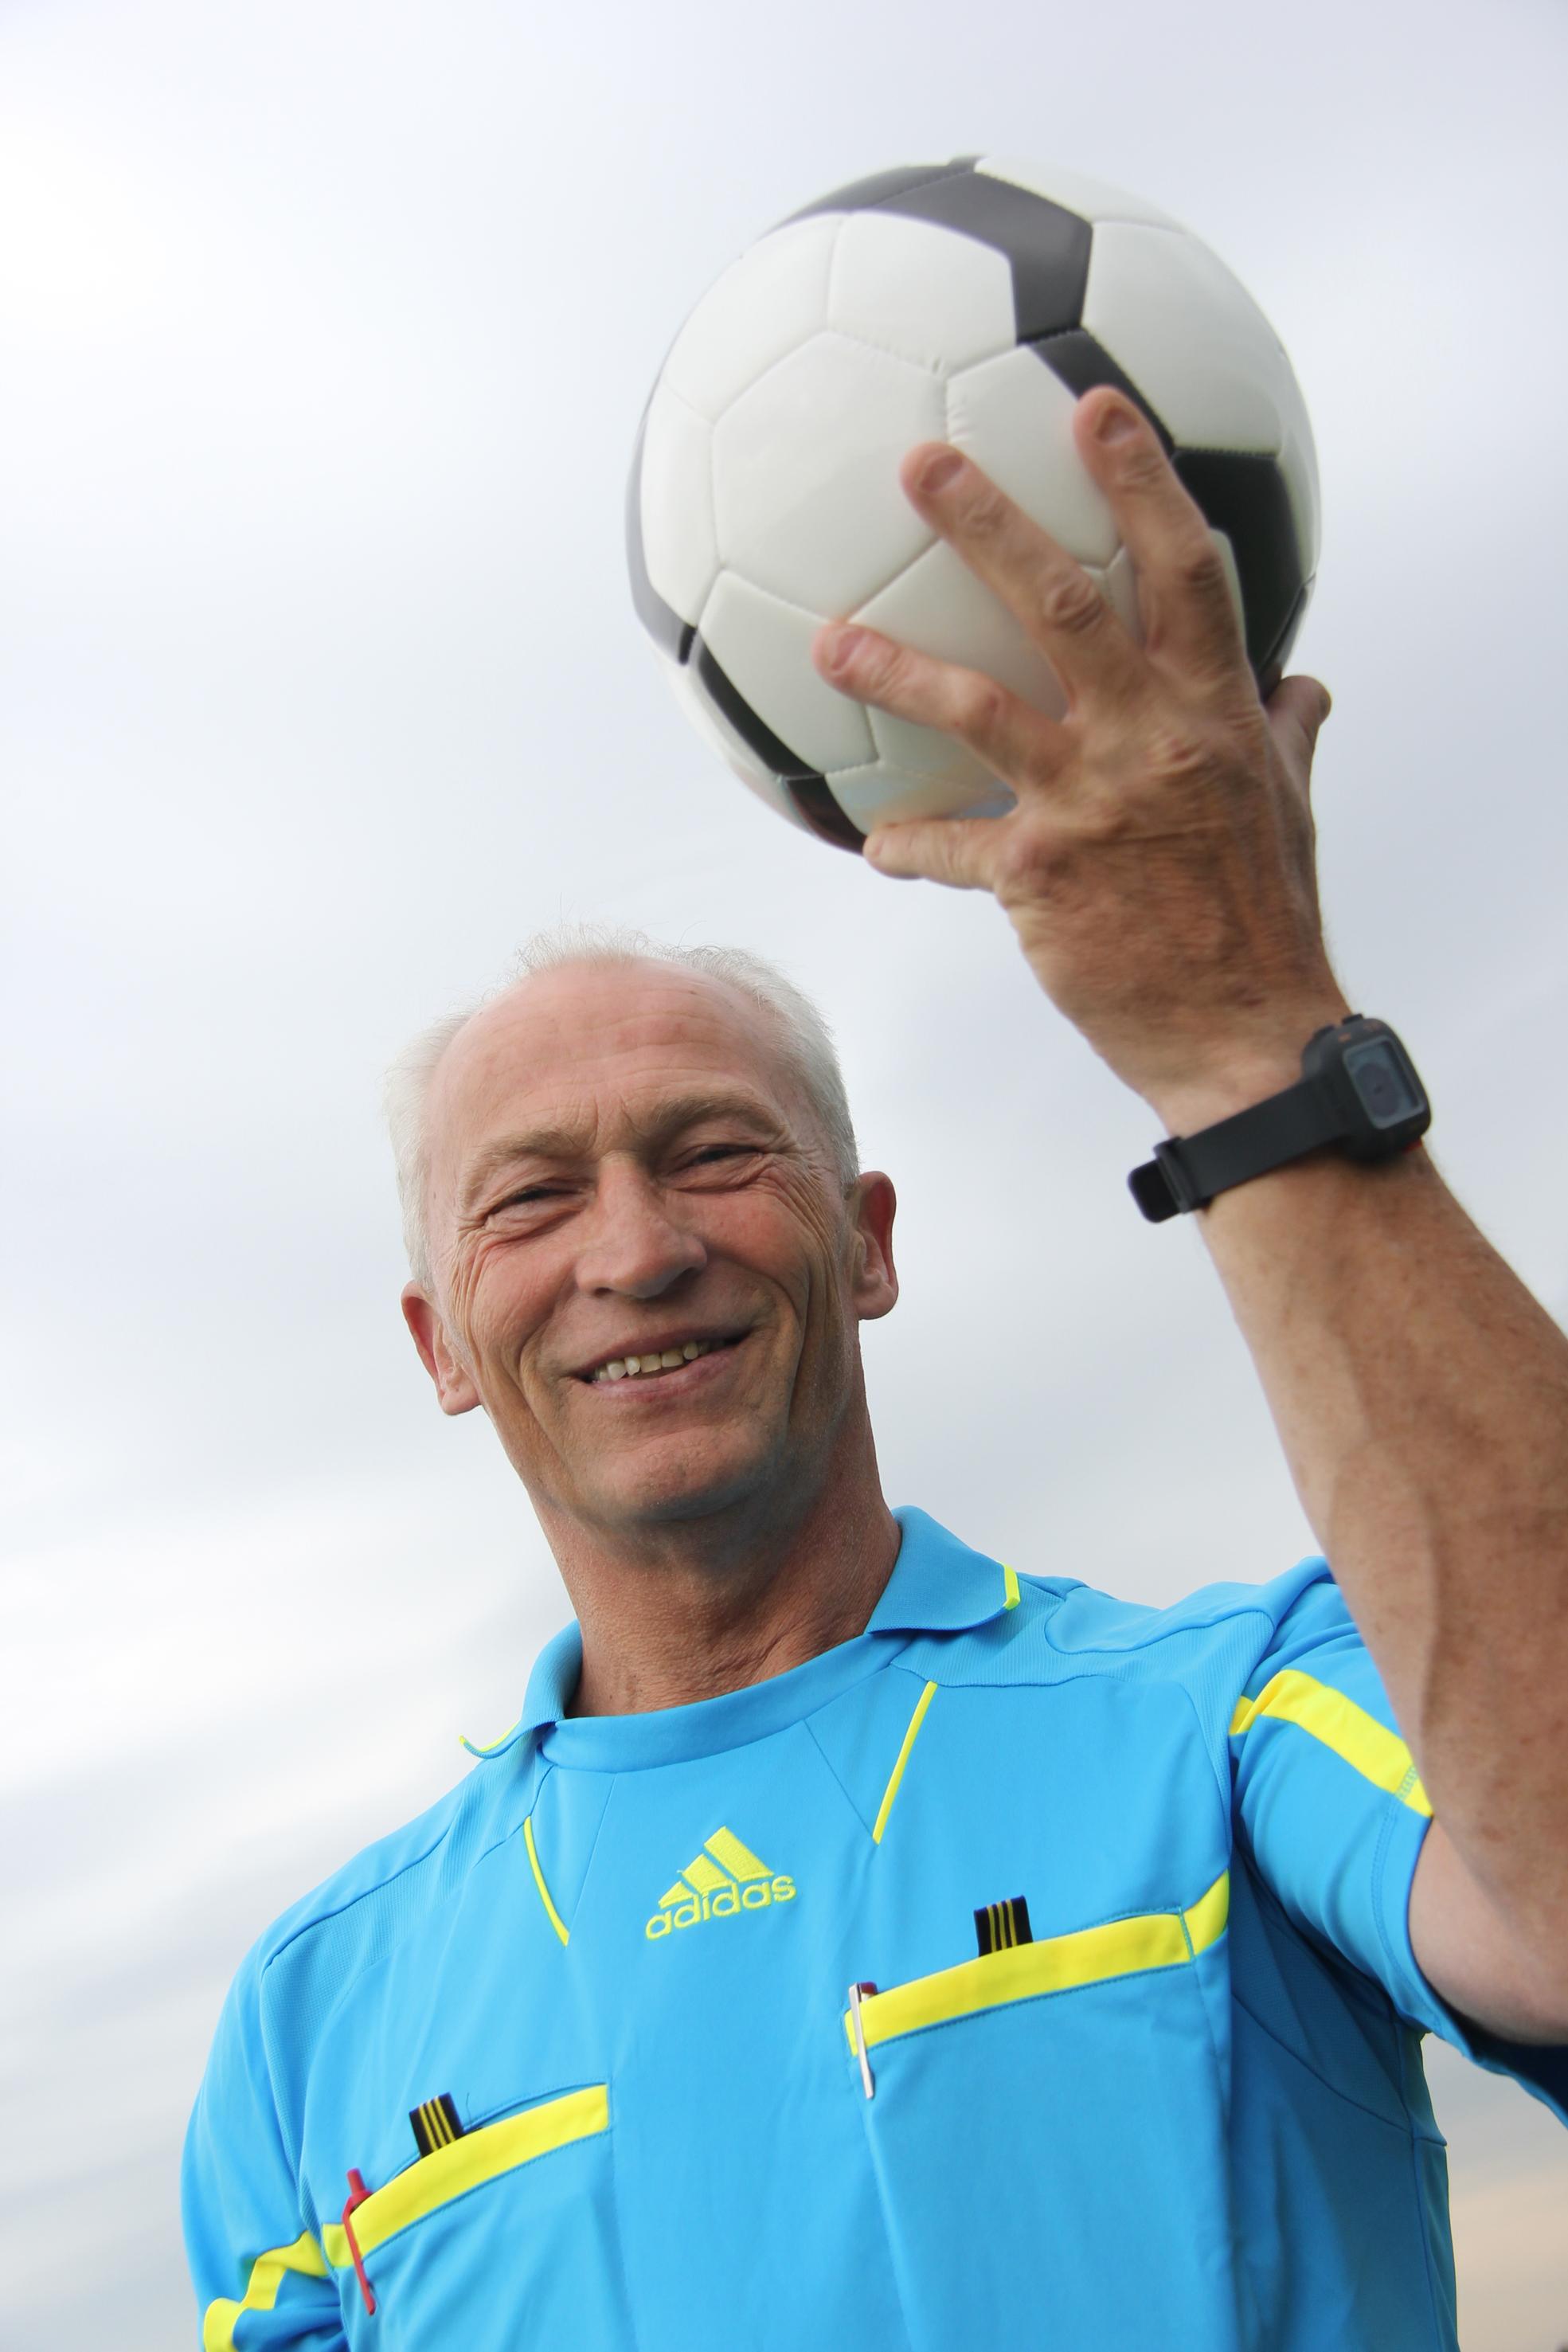 Dick Jol en ons sporthorloge